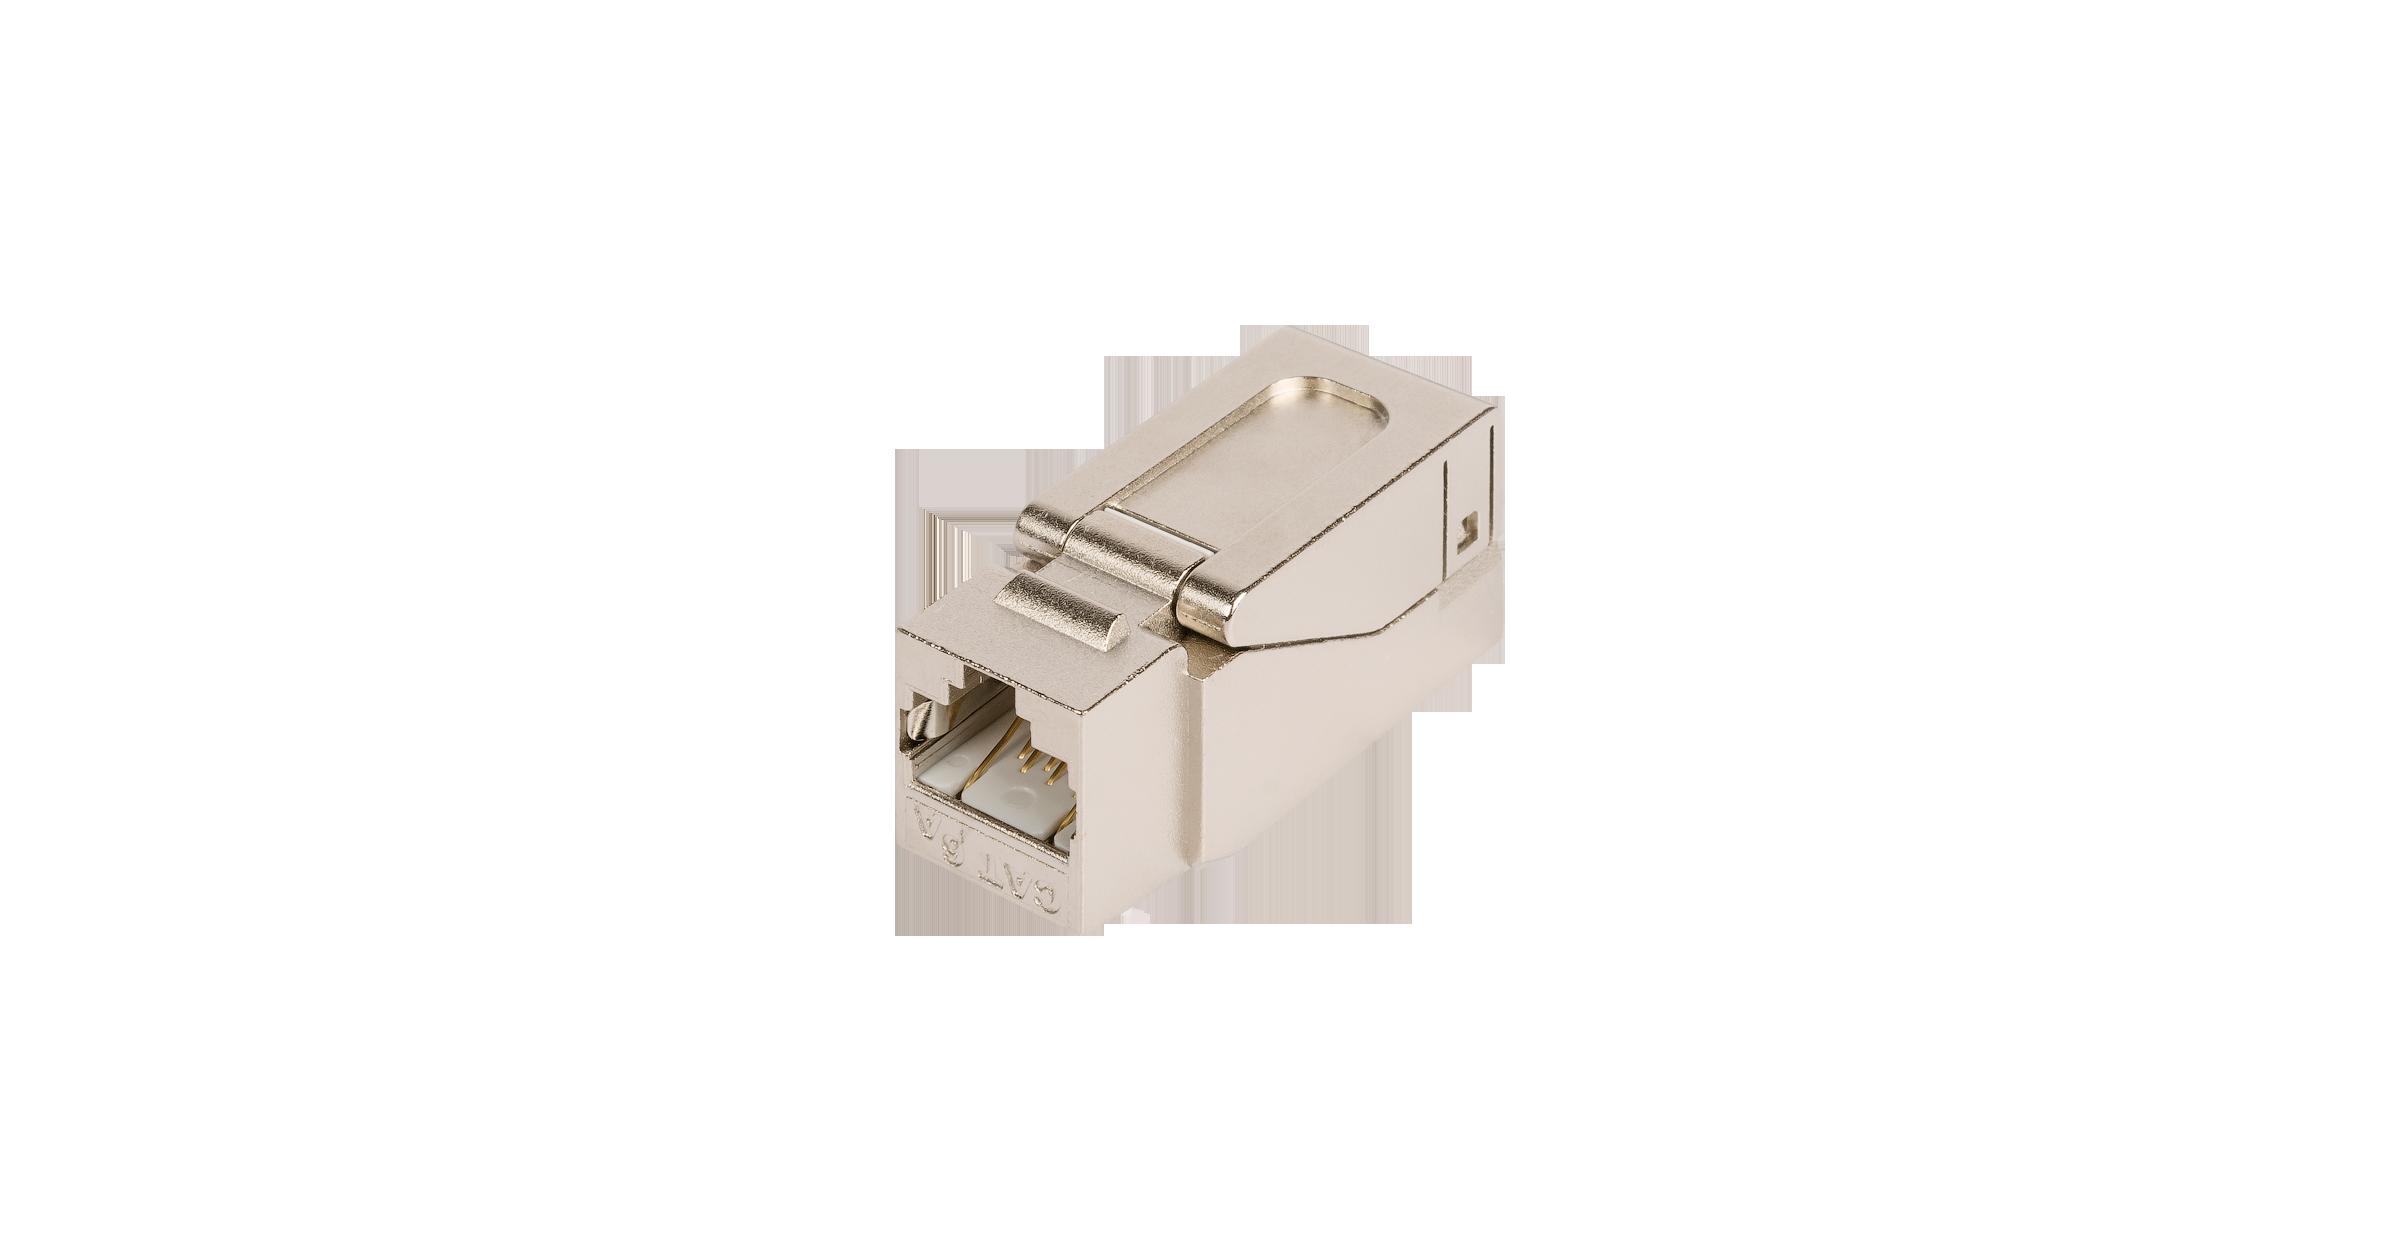 Модуль-вставка NIKOMAX типа Keystone, Кат.6a (Класс Ea), 500МГц, RJ45/8P8C, самозажимной, T568A/B, полный экран, металлик - гарантия: 5 лет расширенная / 25 лет системная